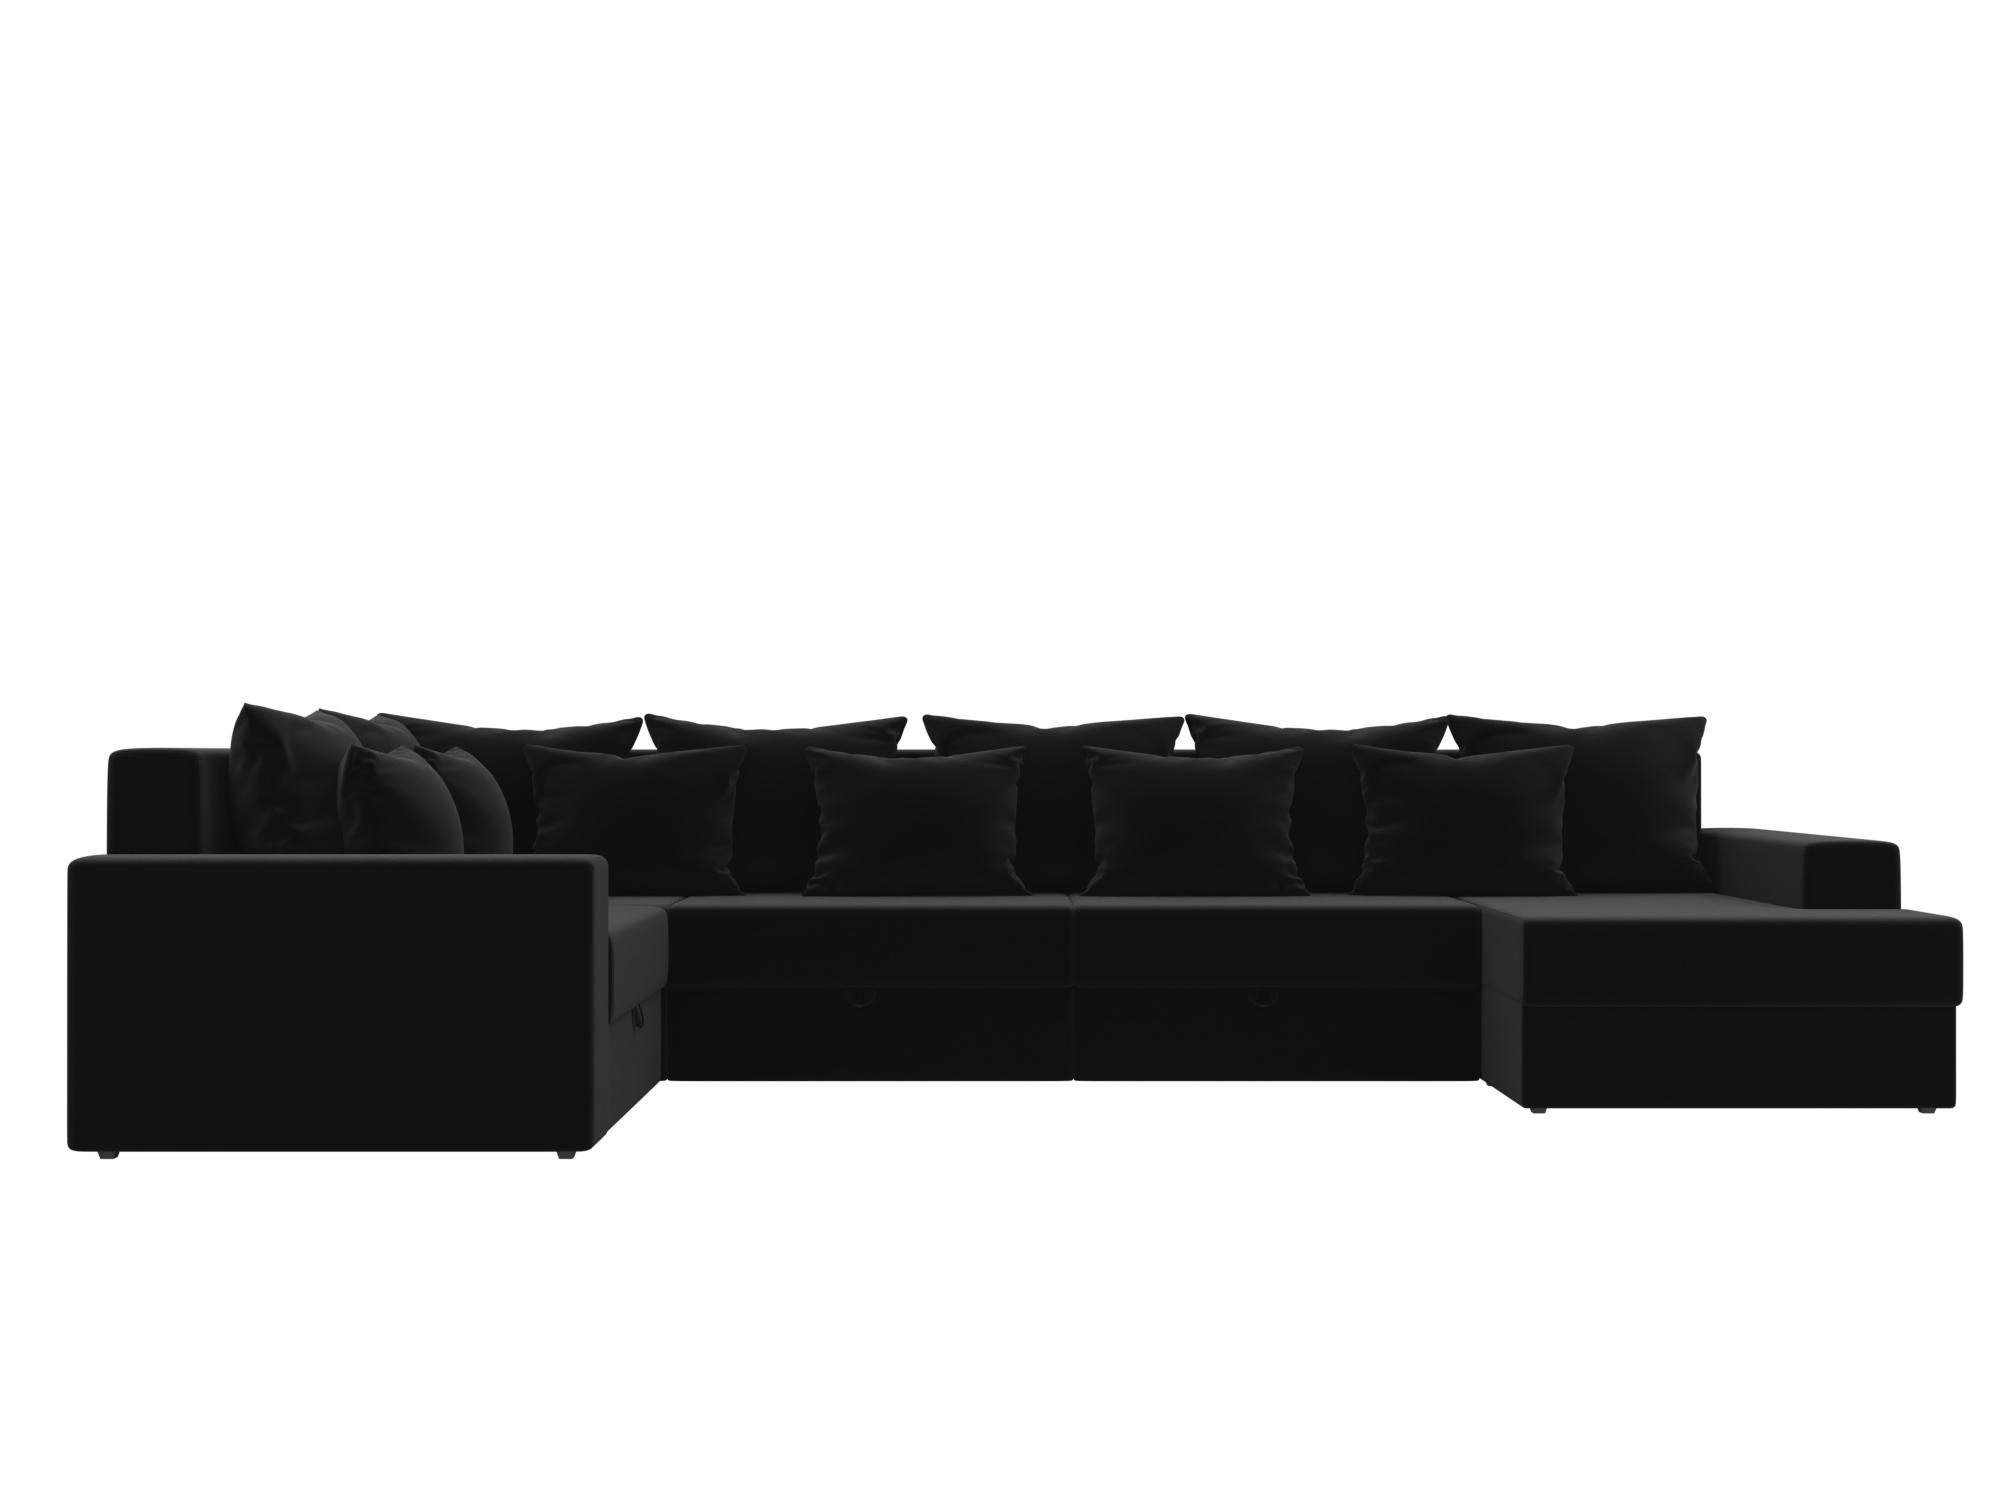 Угловой диван Мэдисон-П Правый угол MebelVia Белый, Черный